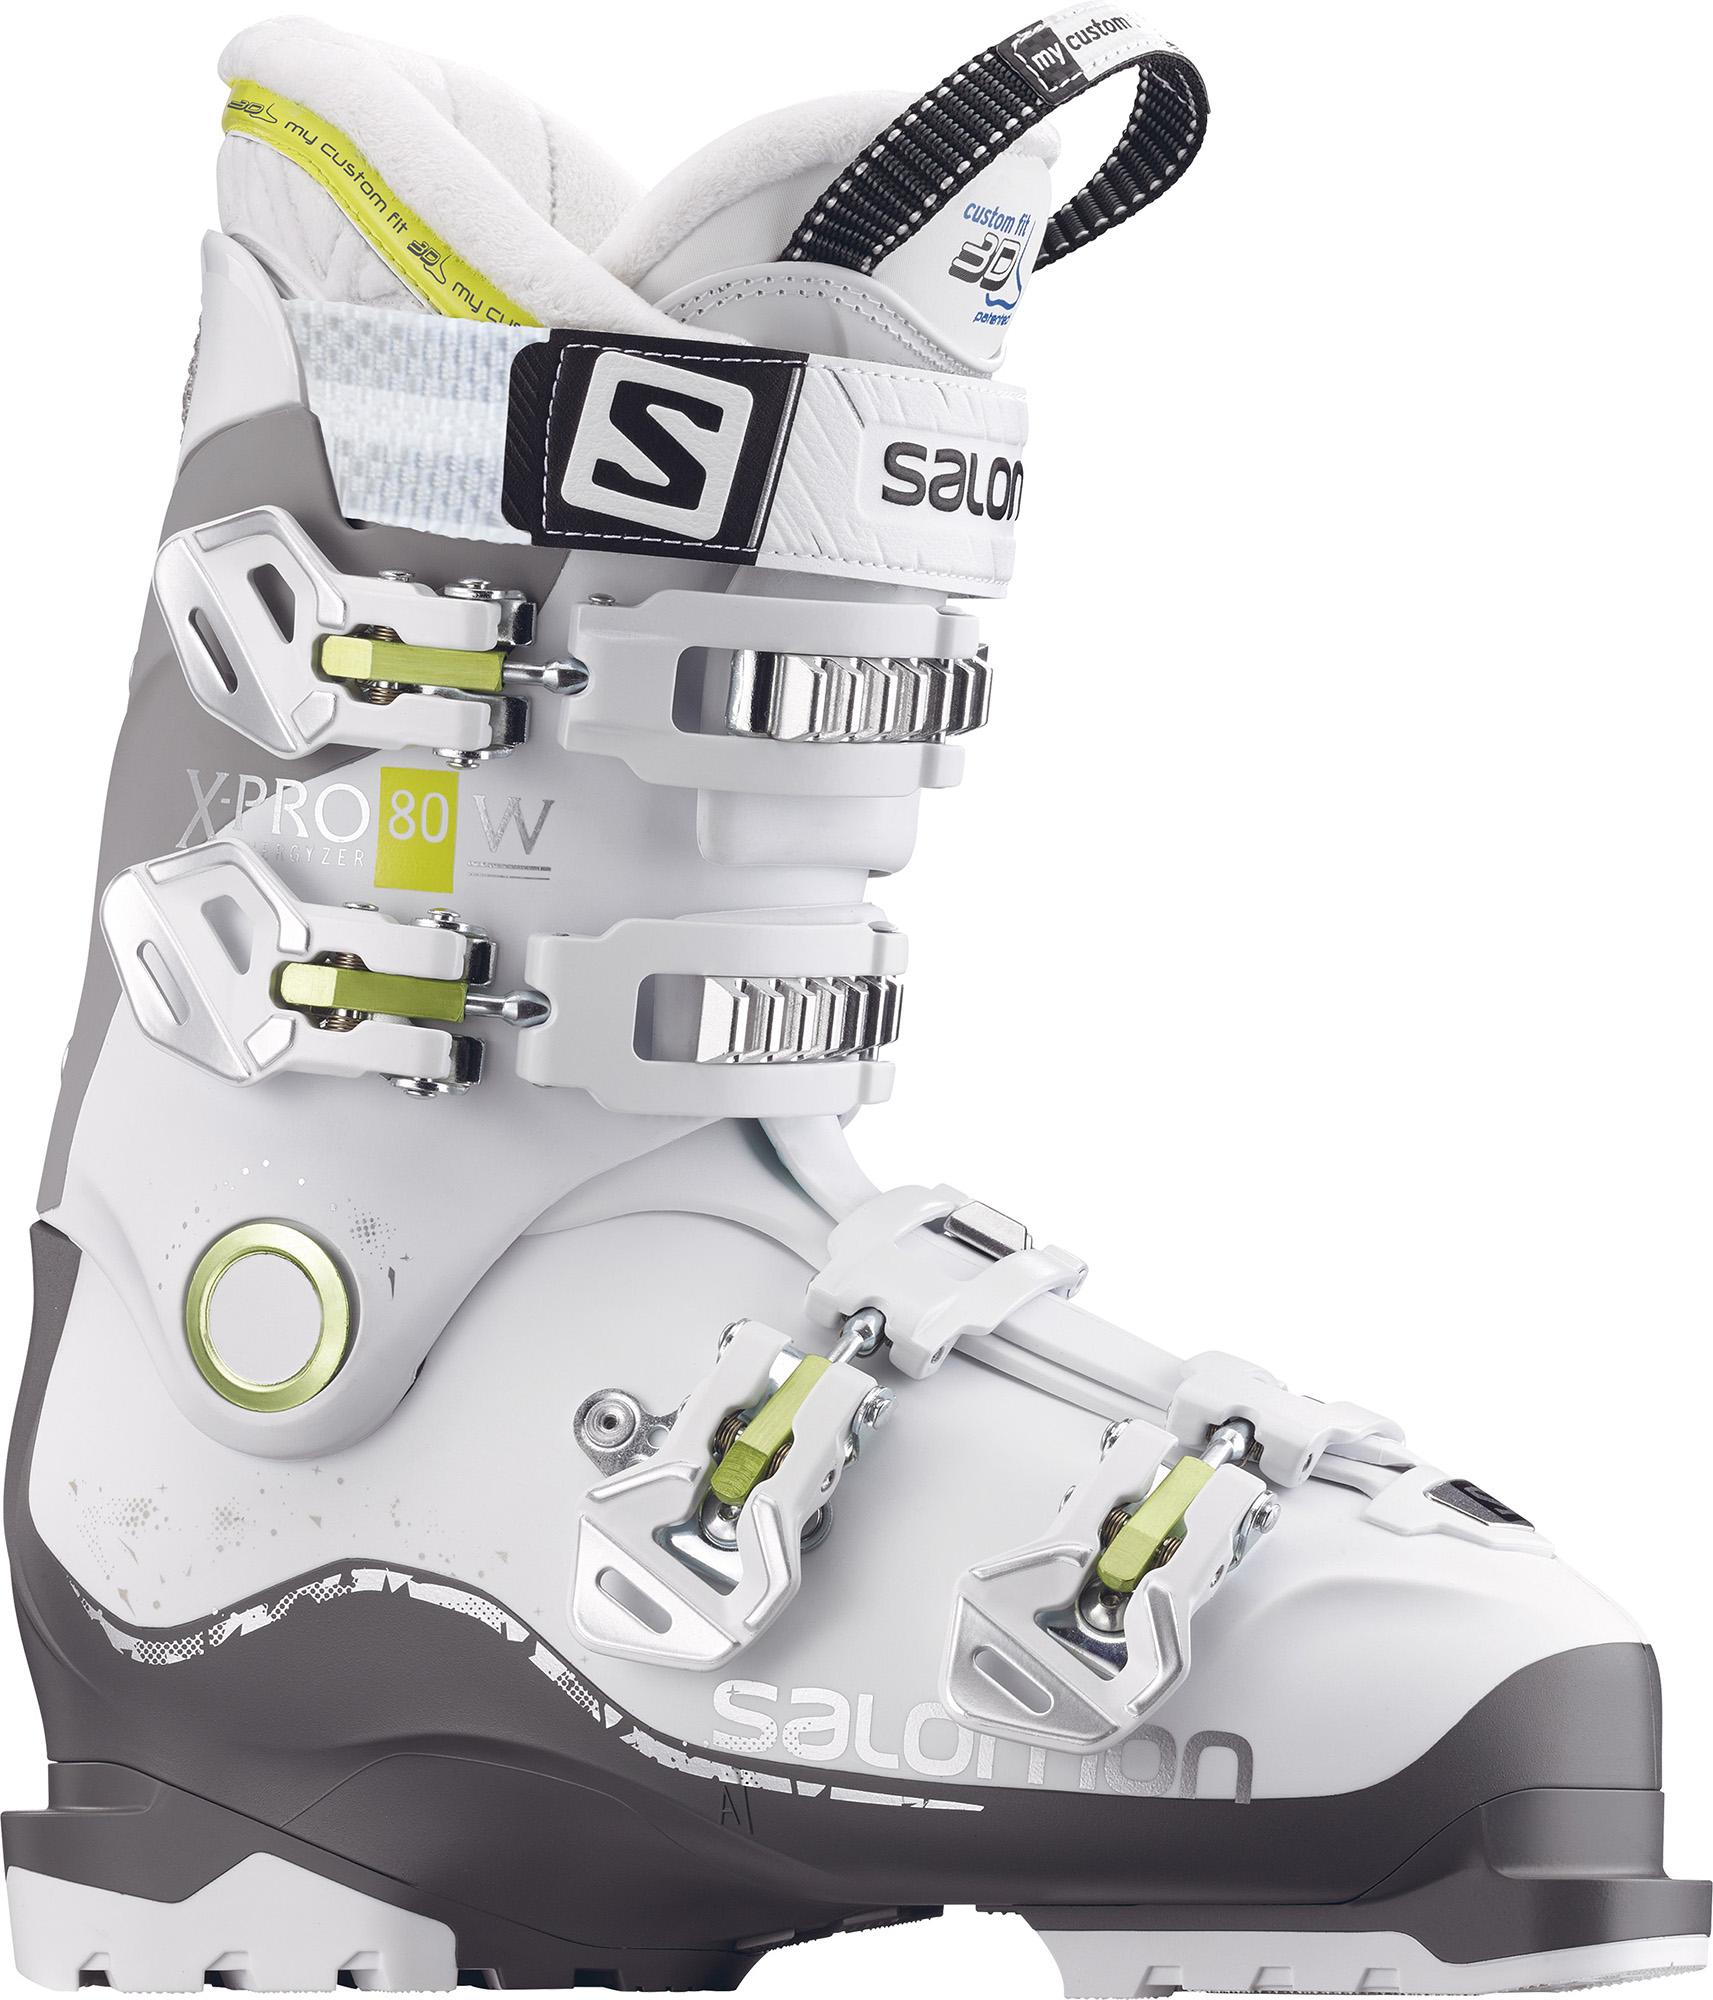 Salomon Ботинки горнолыжные женские Salomon X Pro 80, размер 39